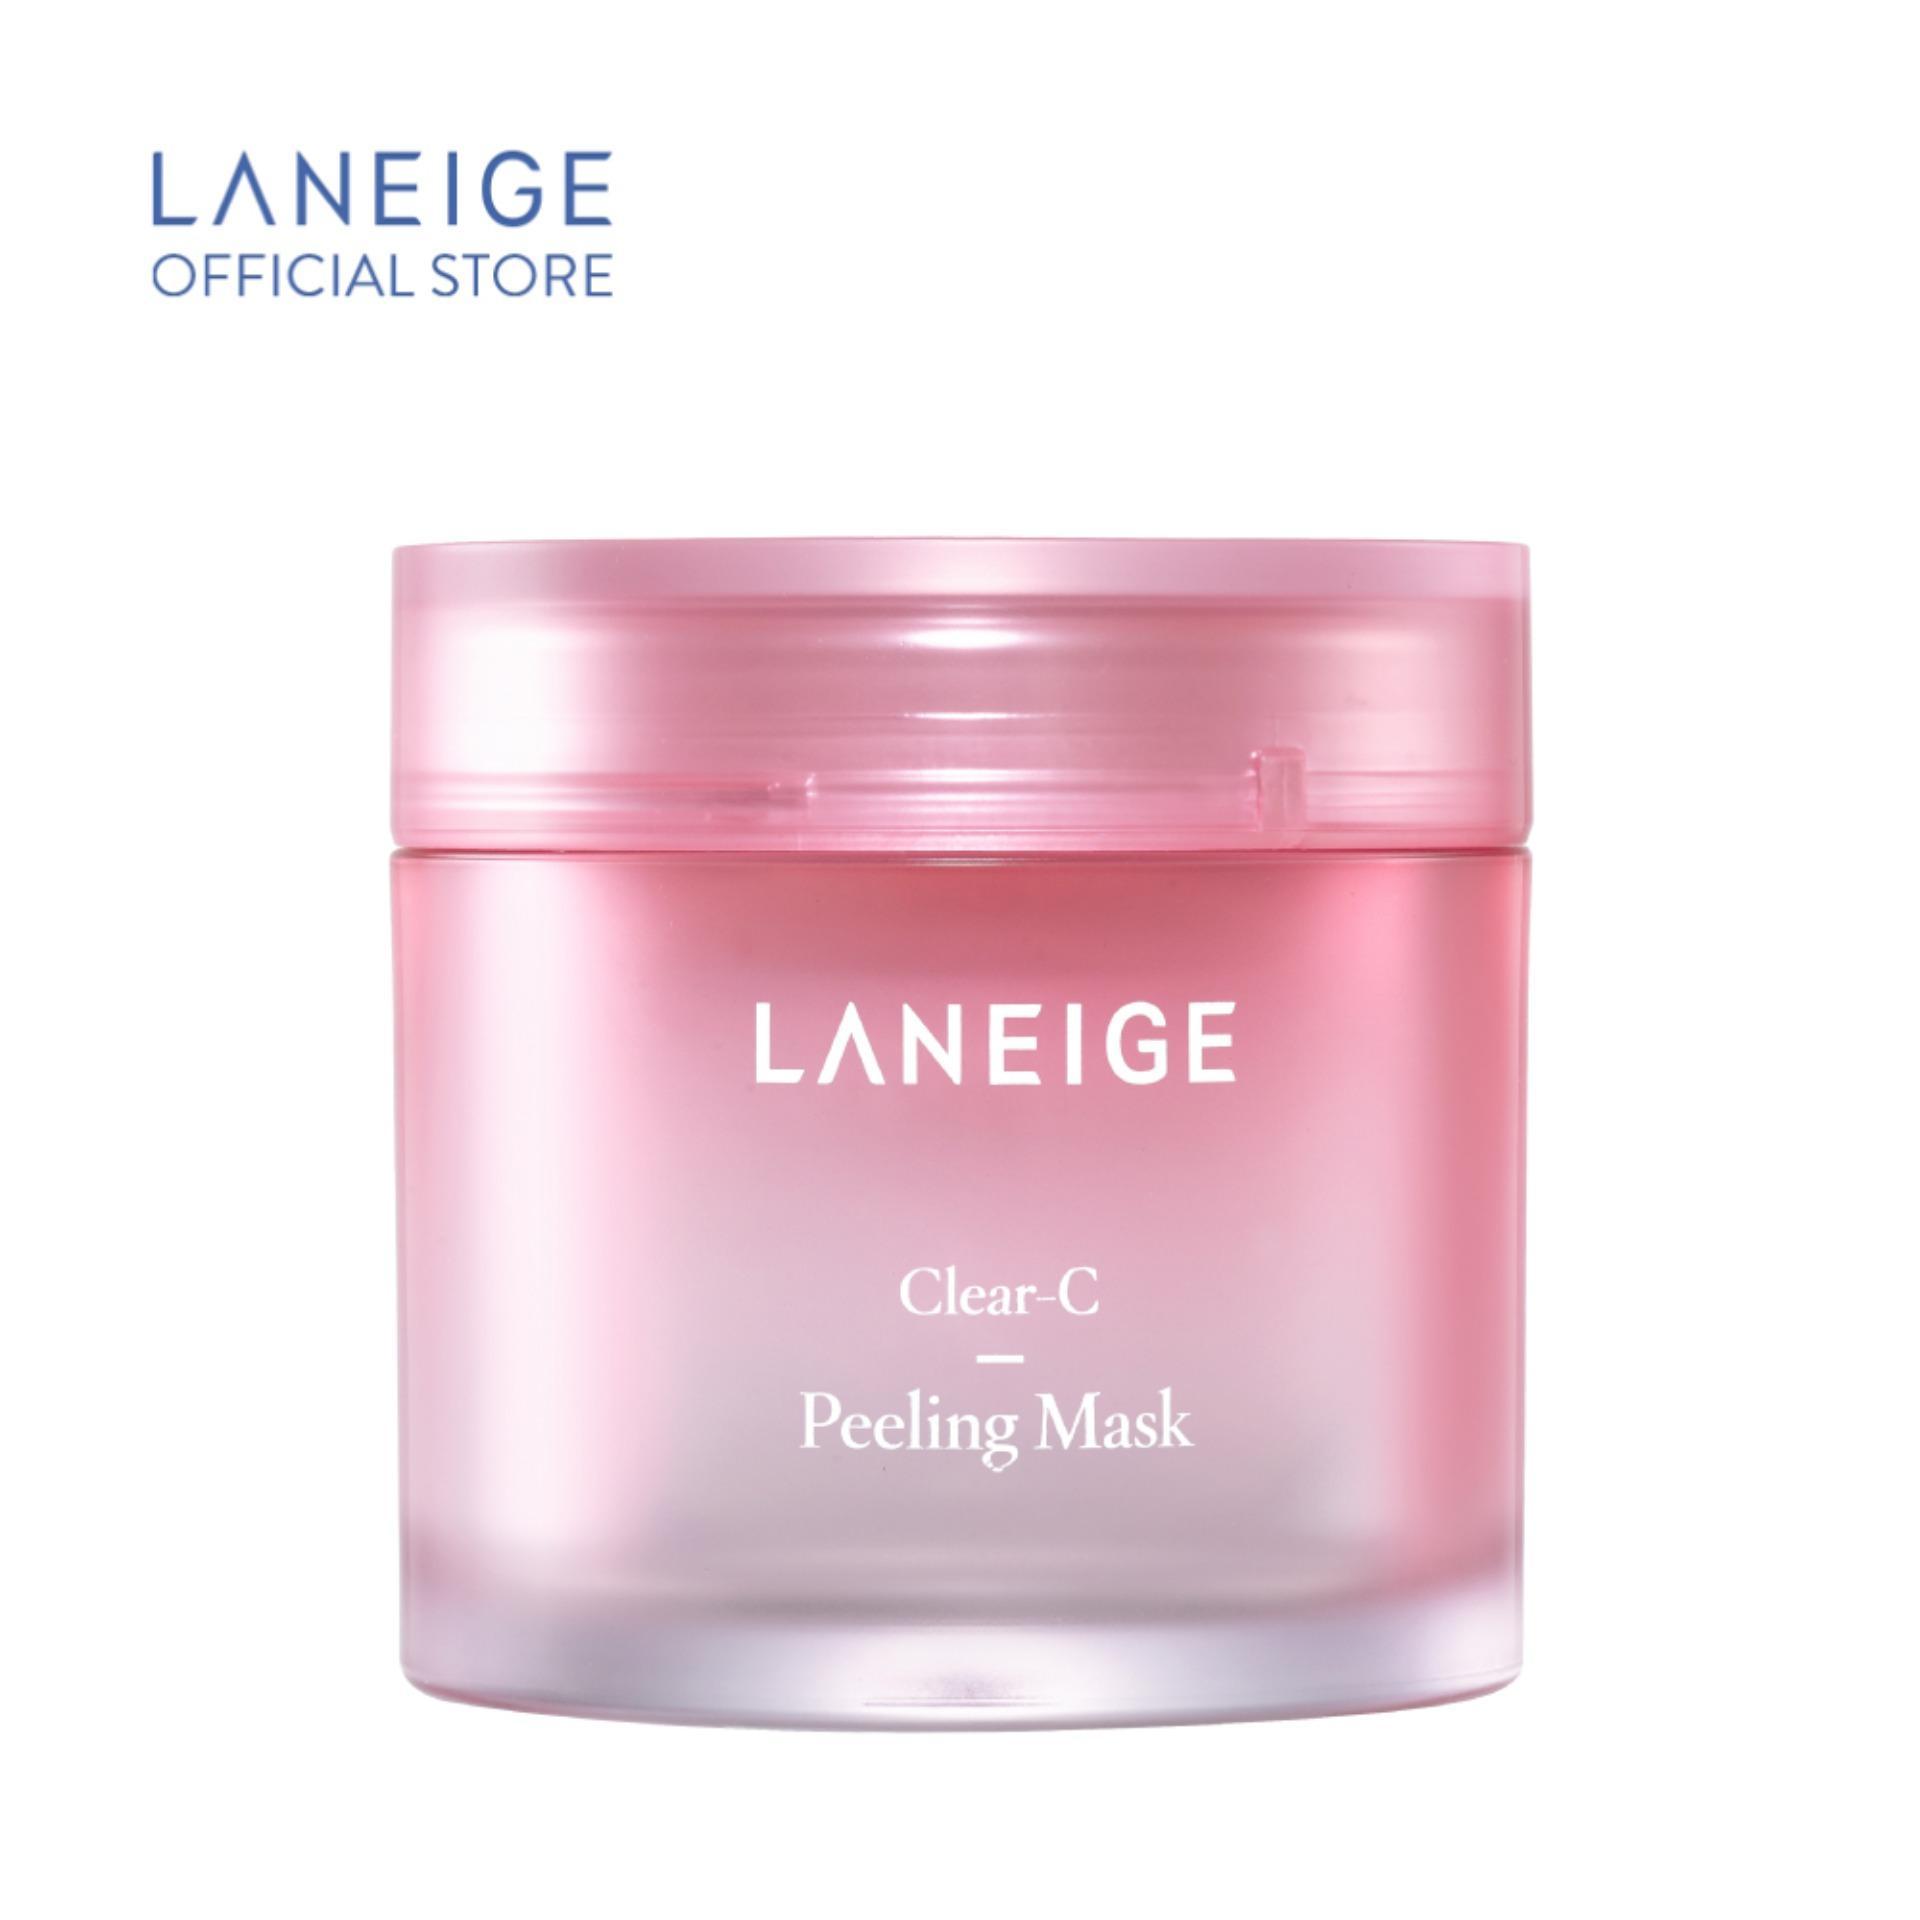 Mặt Nạ Tẩy Tế Bào Chết Dịu Nhẹ Cho Da Laneige Clear-C Peeling Mask 70ml